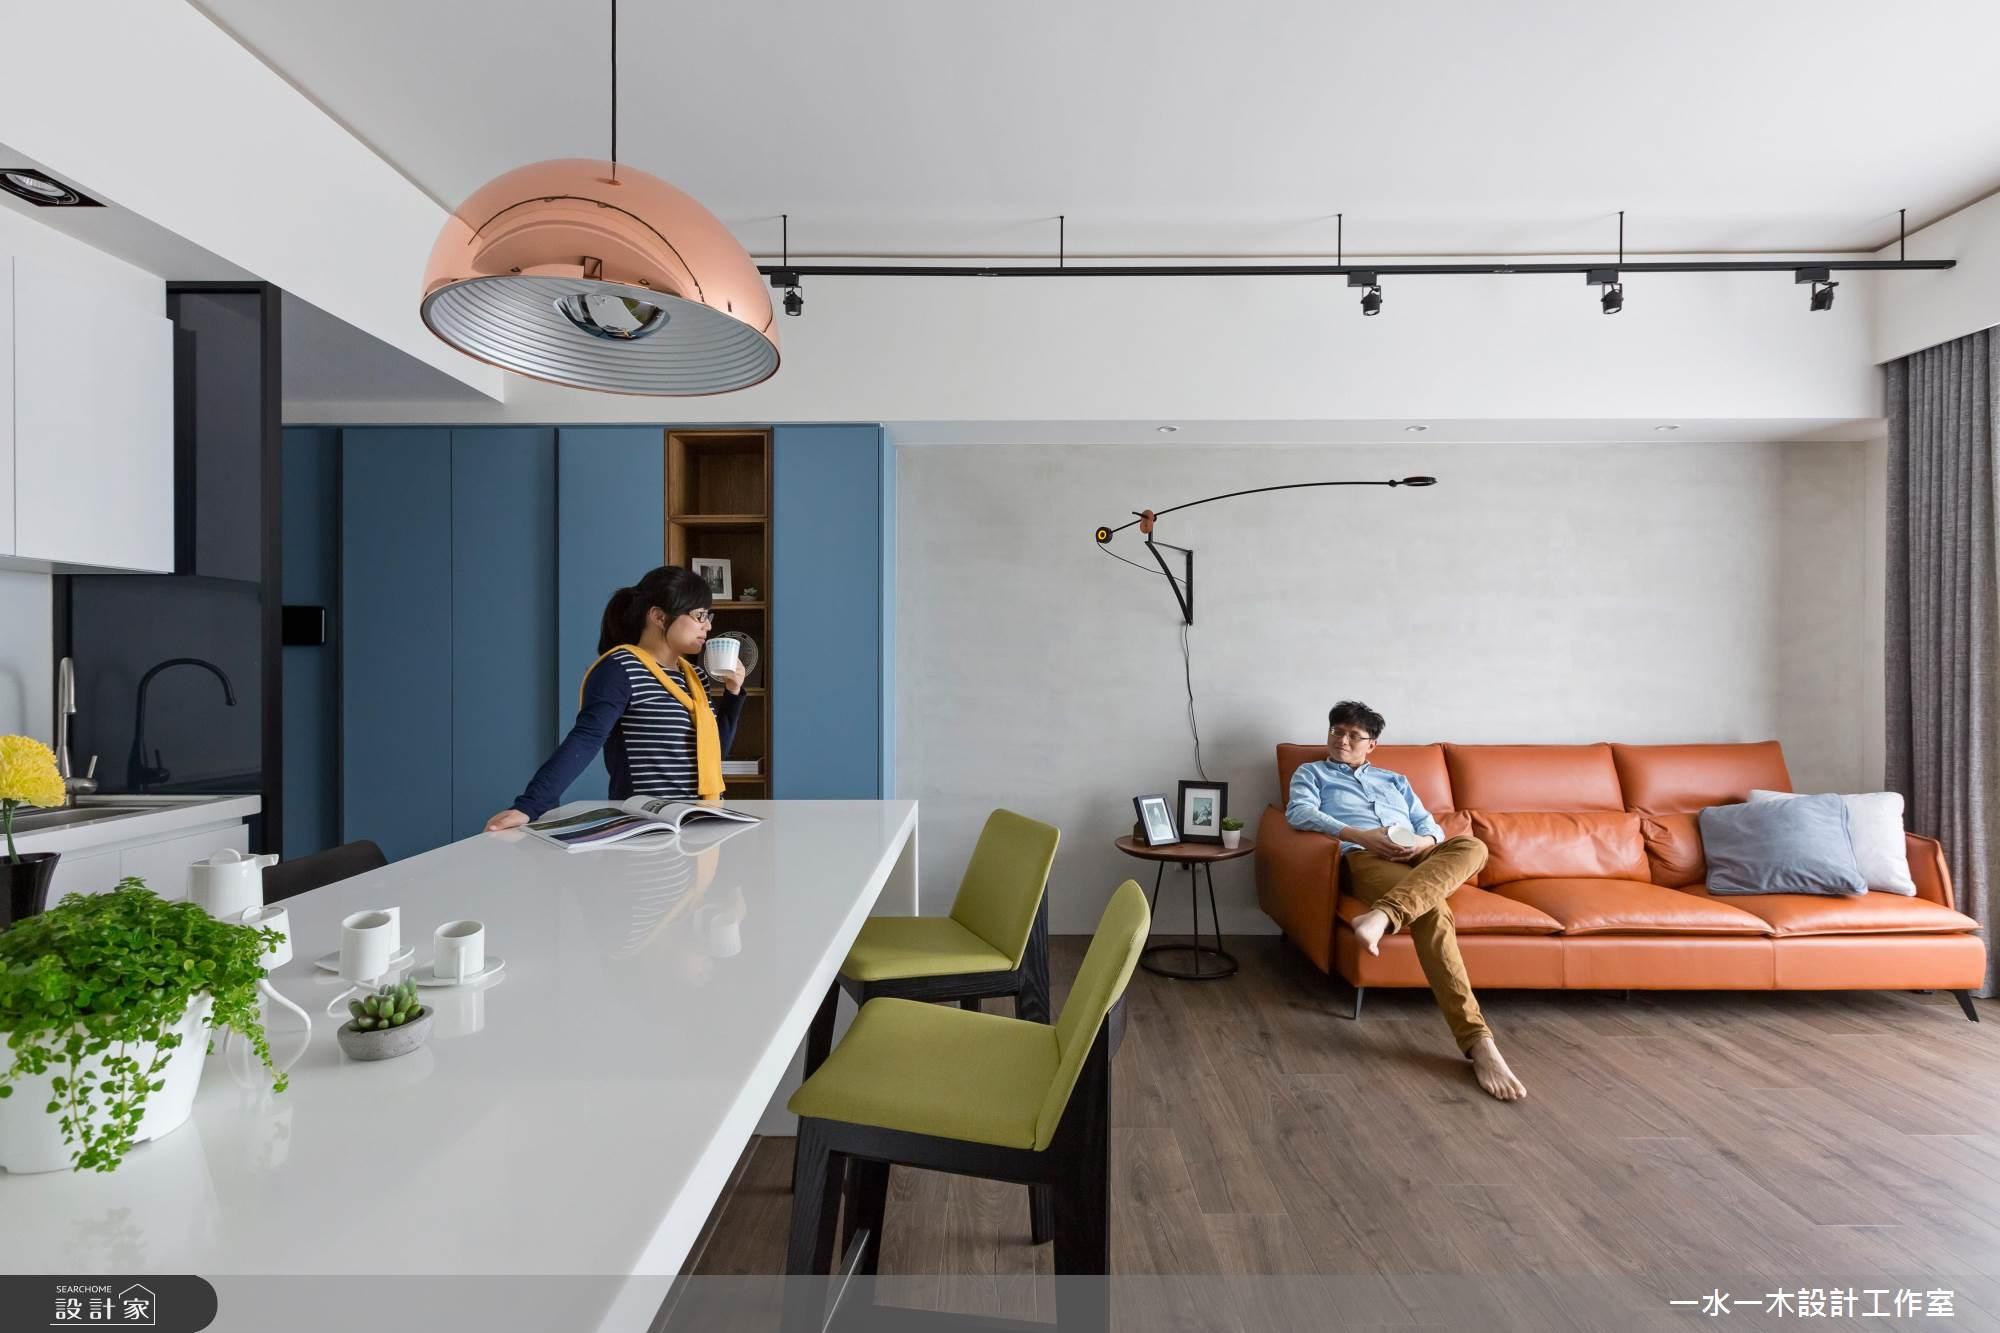 23坪新成屋(5年以下)_工業風餐廳案例圖片_一水一木設計工作室_一水一木_34之8